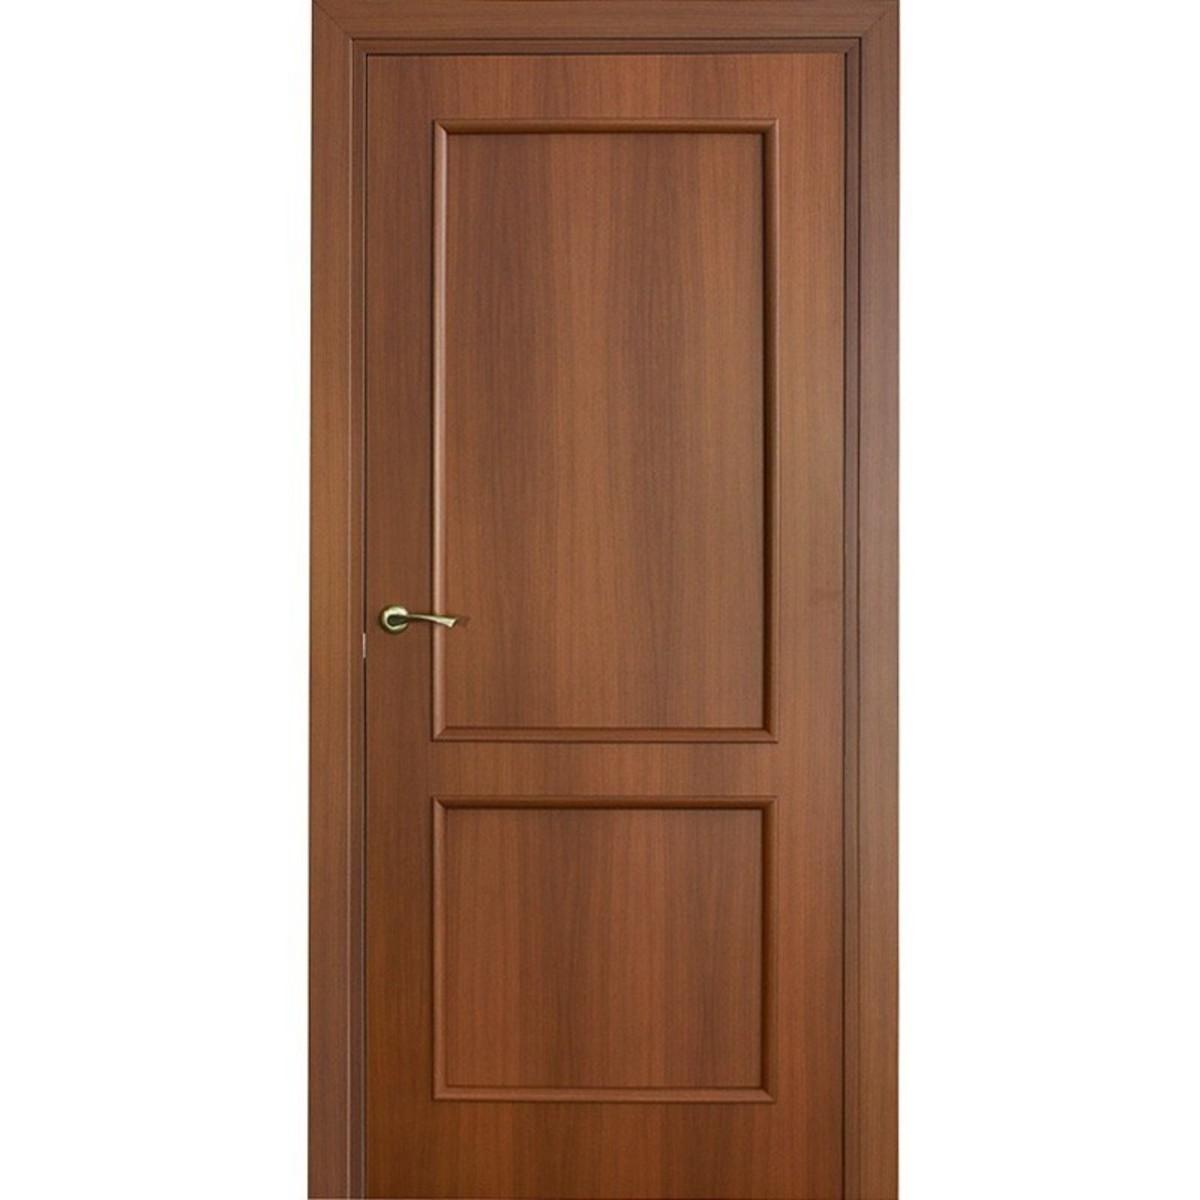 Дверь Межкомнатная Остеклённая Фортунато Классика 90x200 Ламинация Цвет Орех